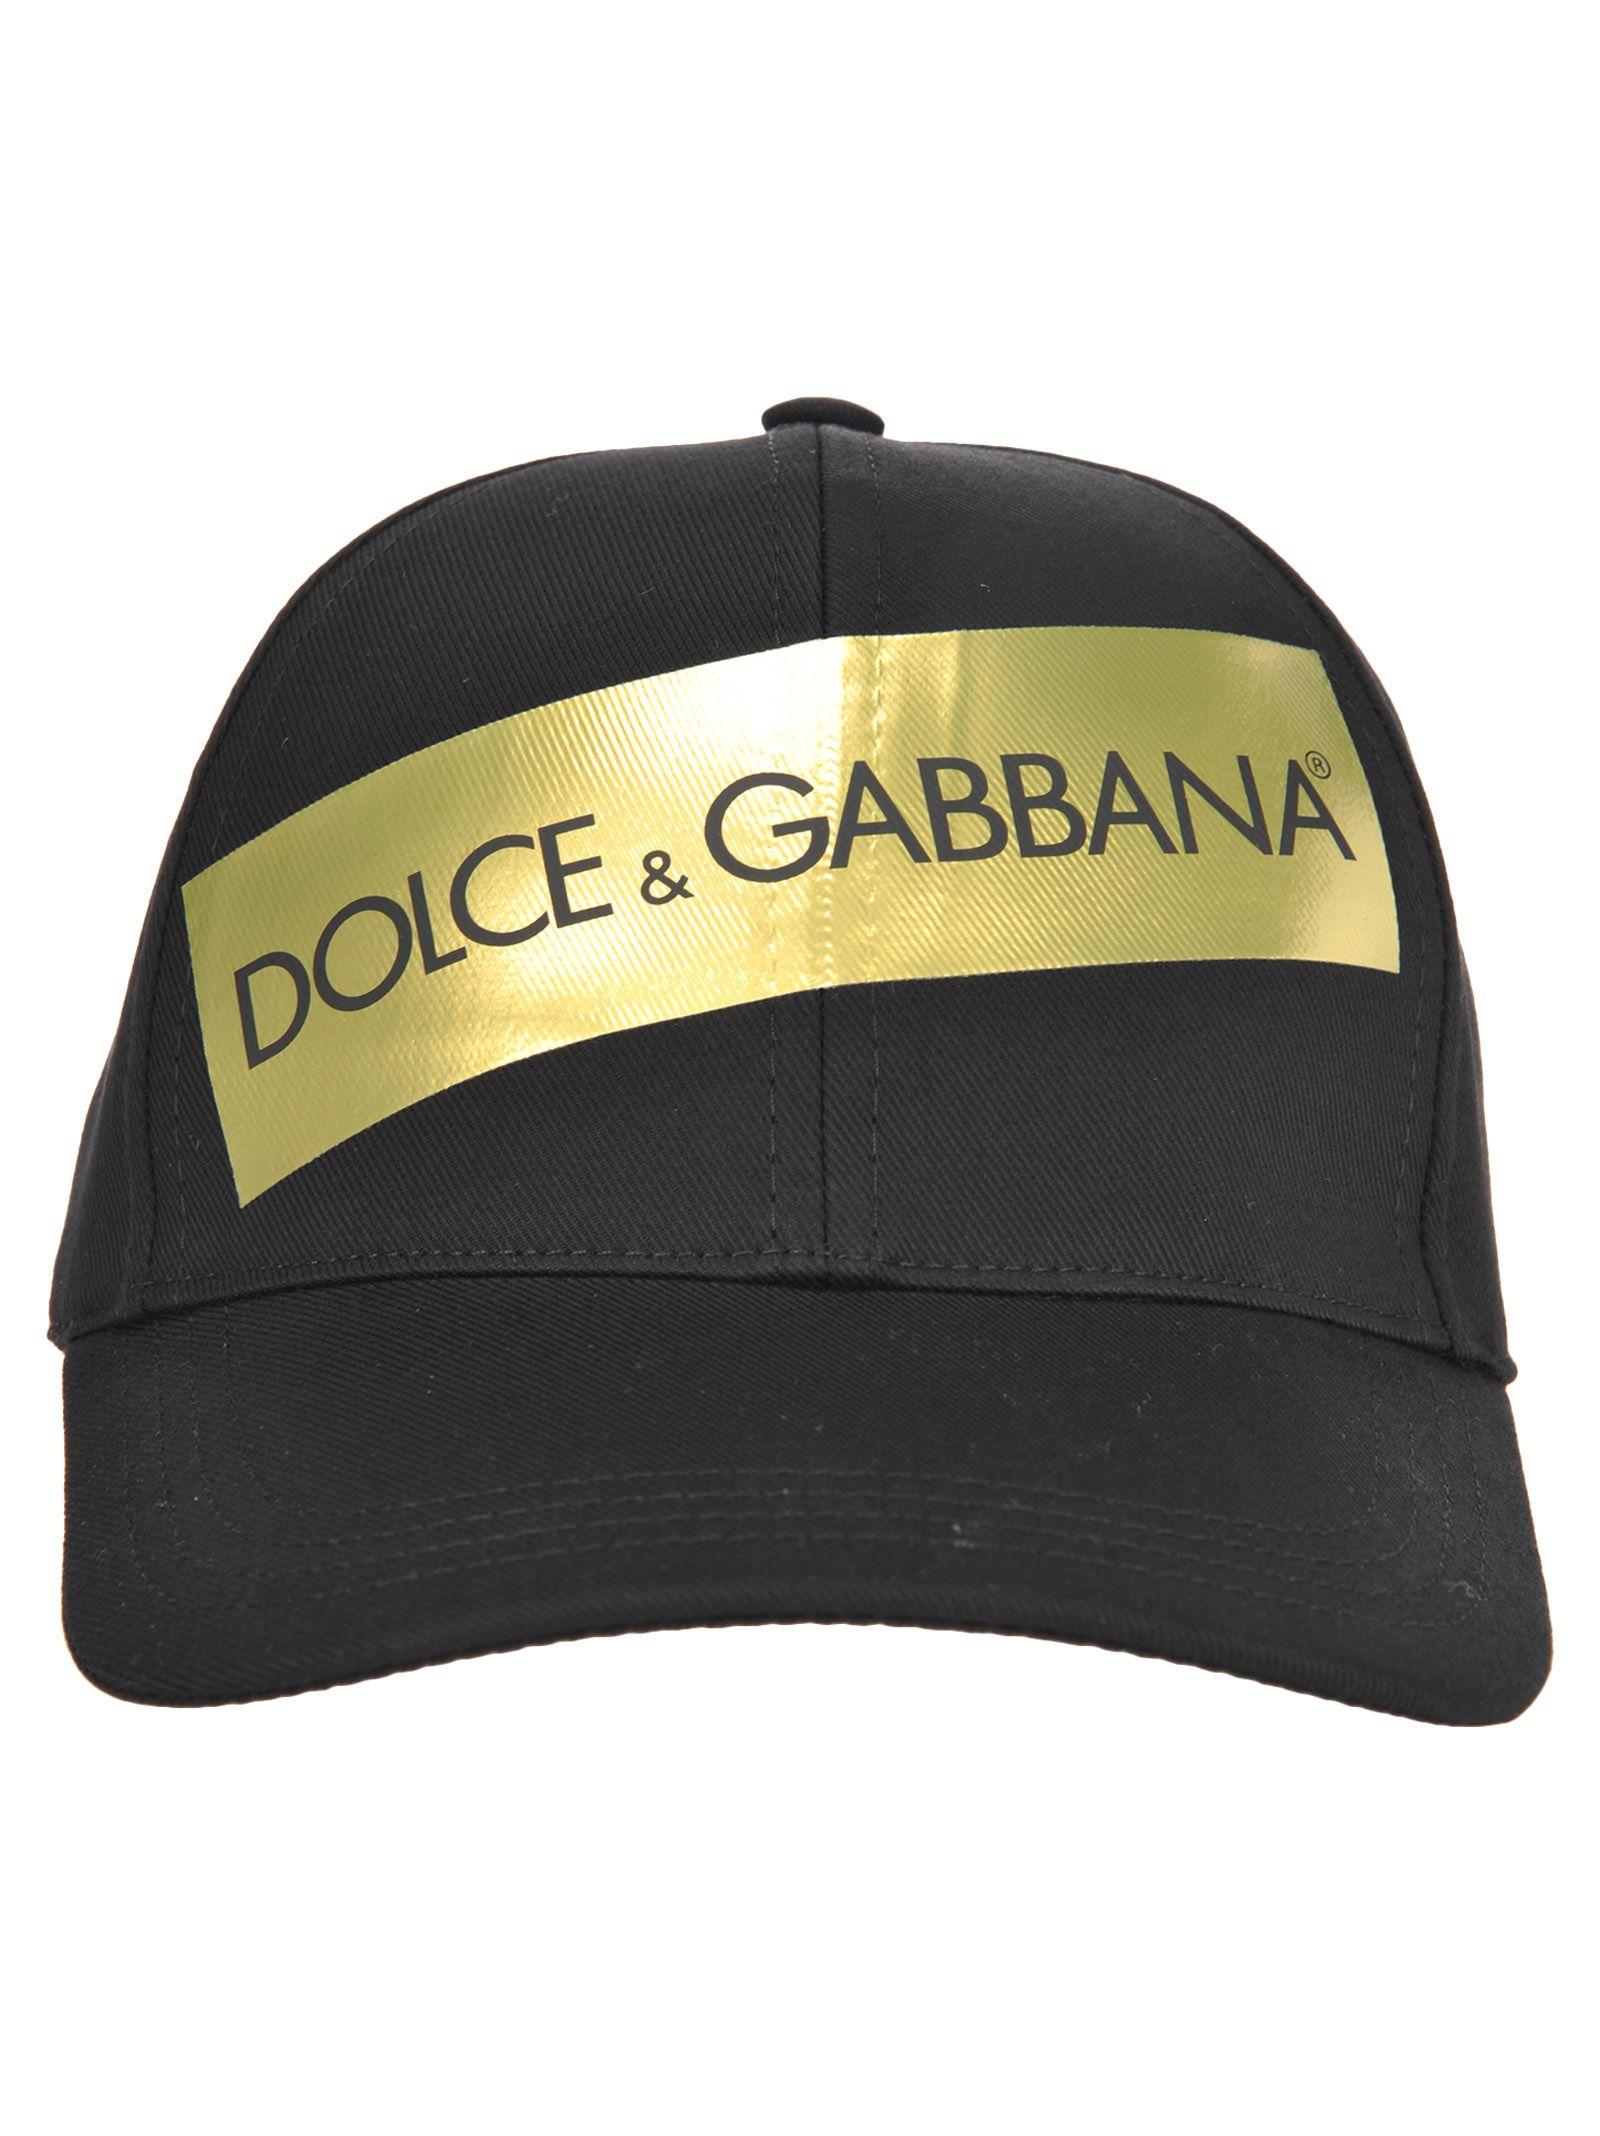 Dolce & gabbana Baseball Taiping